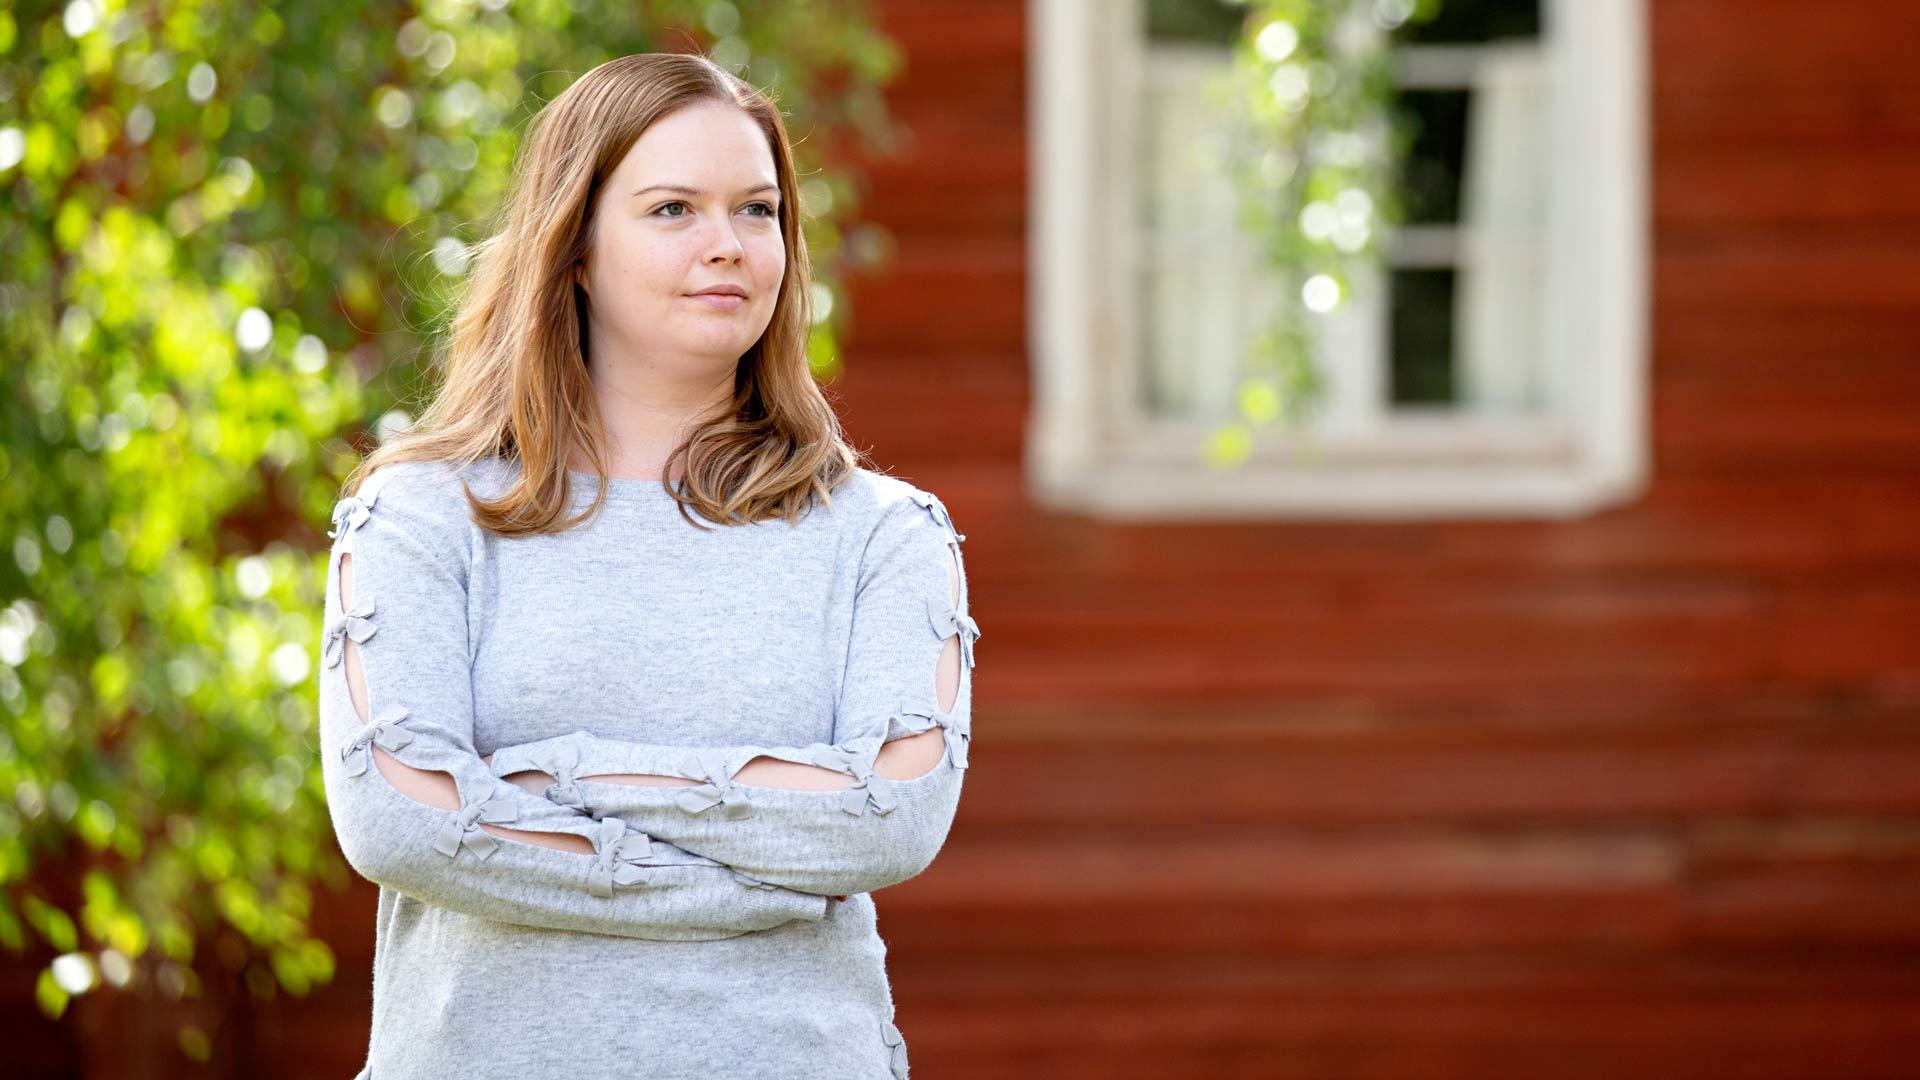 Vilja Päätalo työskentelee opettajana. Hän tietää, että Kalle-vaari arvostaisi korkeakoulututkinnon vaatinutta ammattia, sillä ei itse päässyt nuorena opiskelemaan.